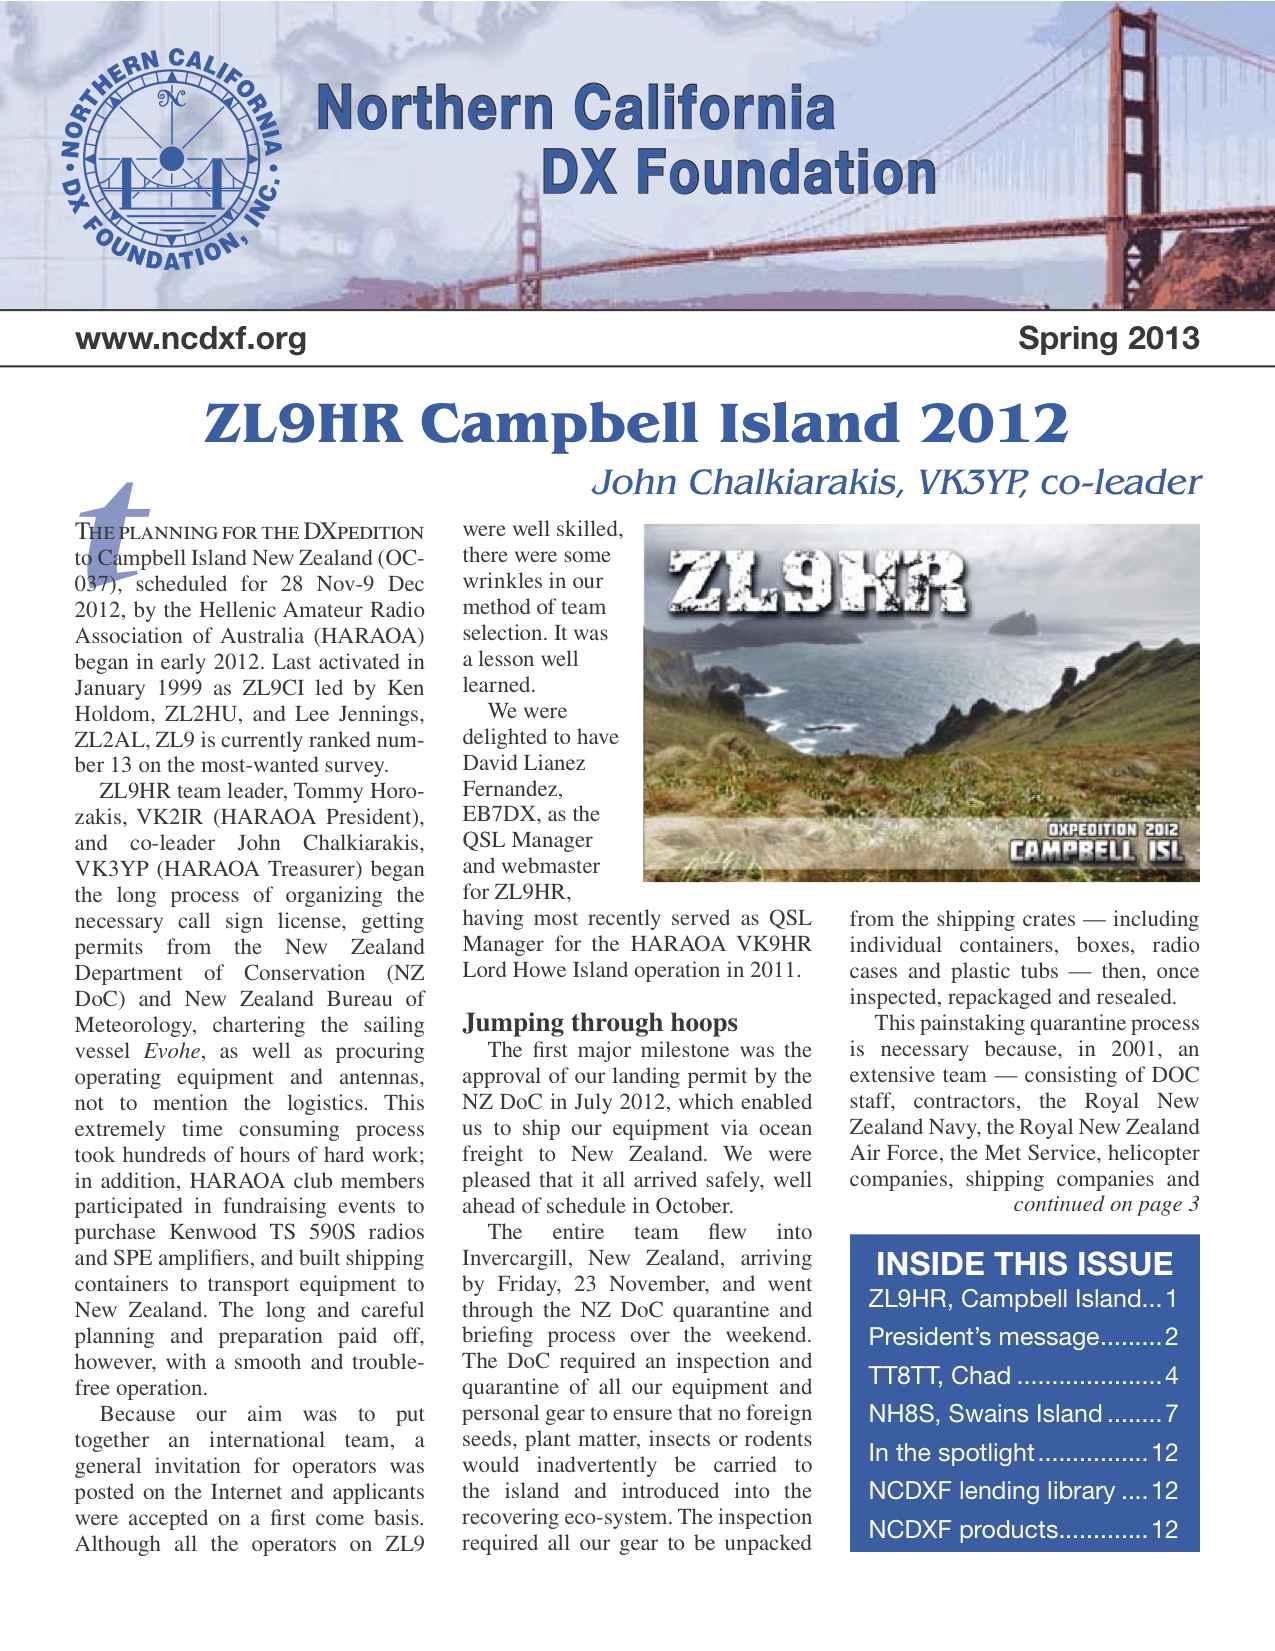 Première de couverture Bulletin NCDXF Printemps 2013